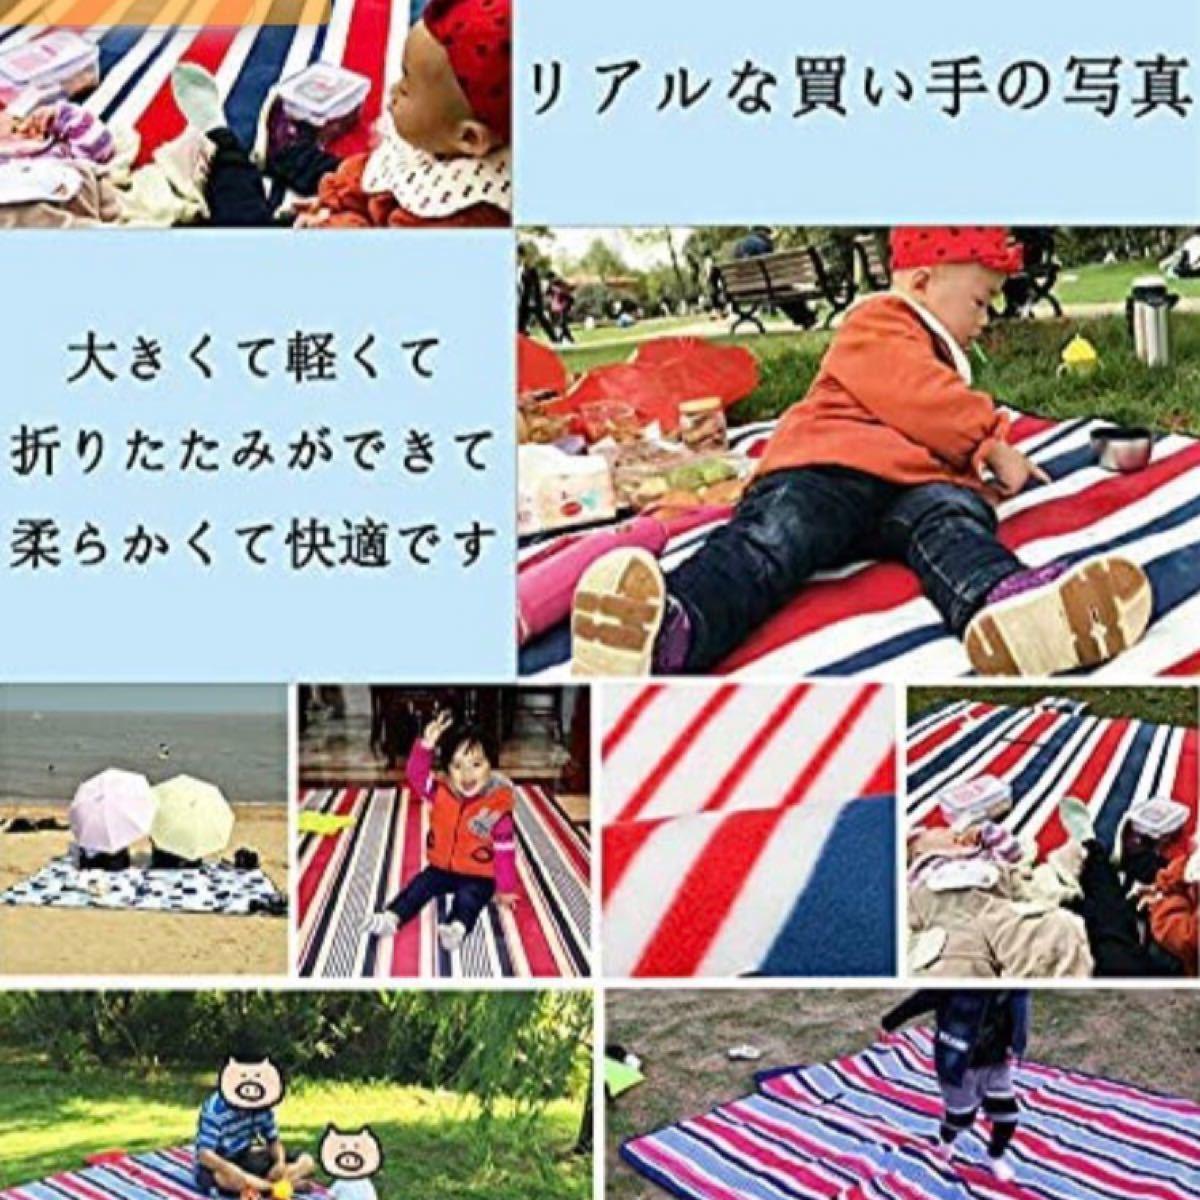 レジャーシート シート ピクニックシート 運動会 アウトドア